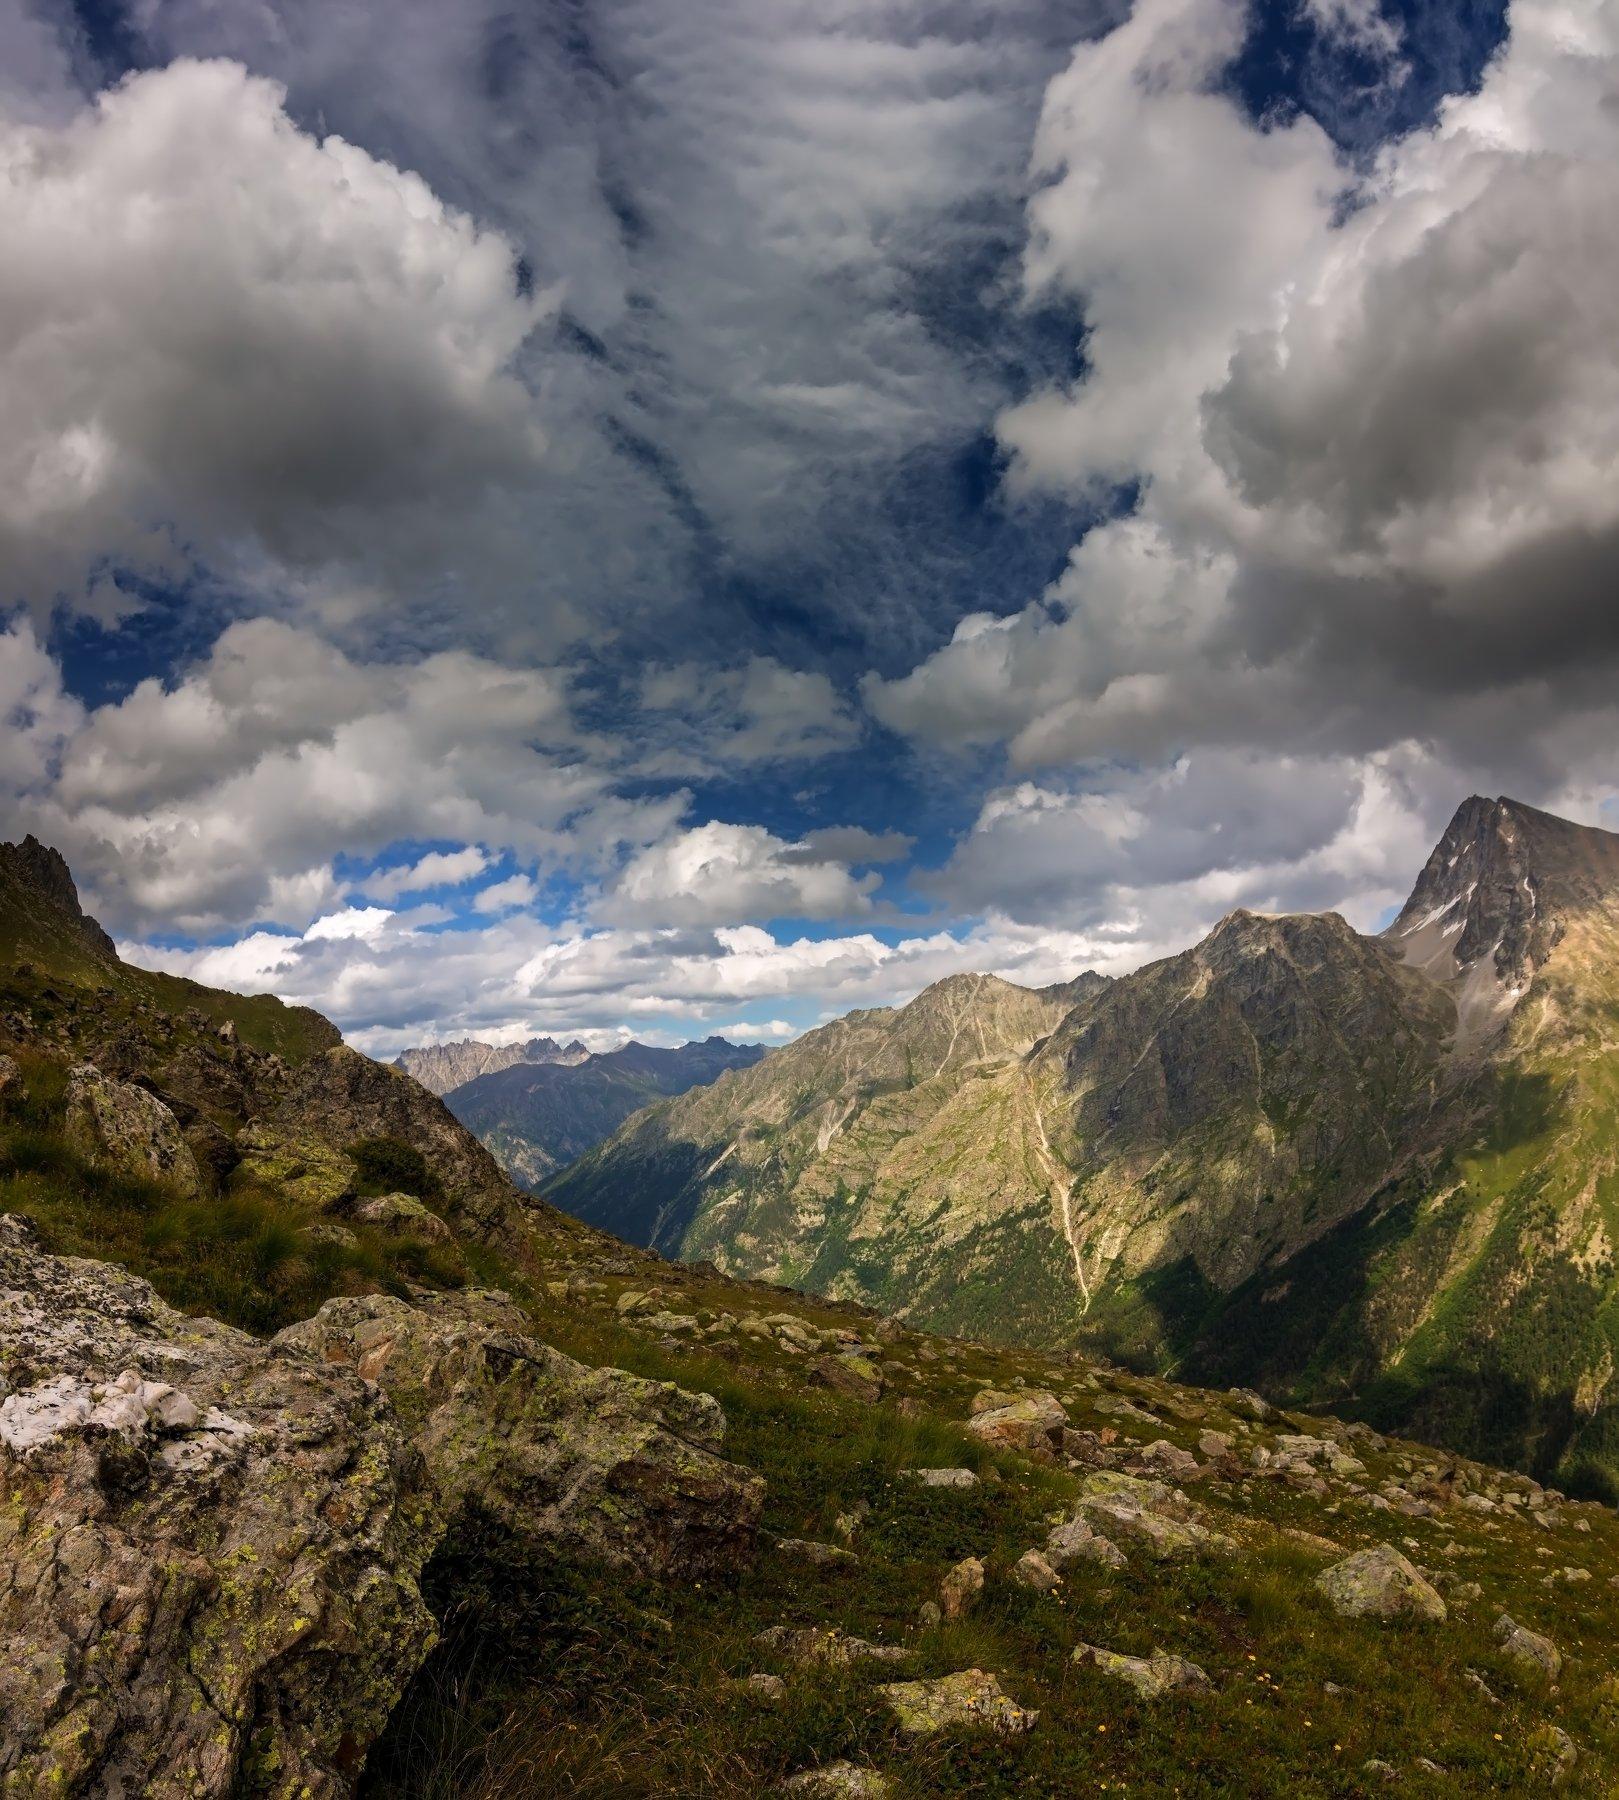 горы, облака, кавказ, Эстелла